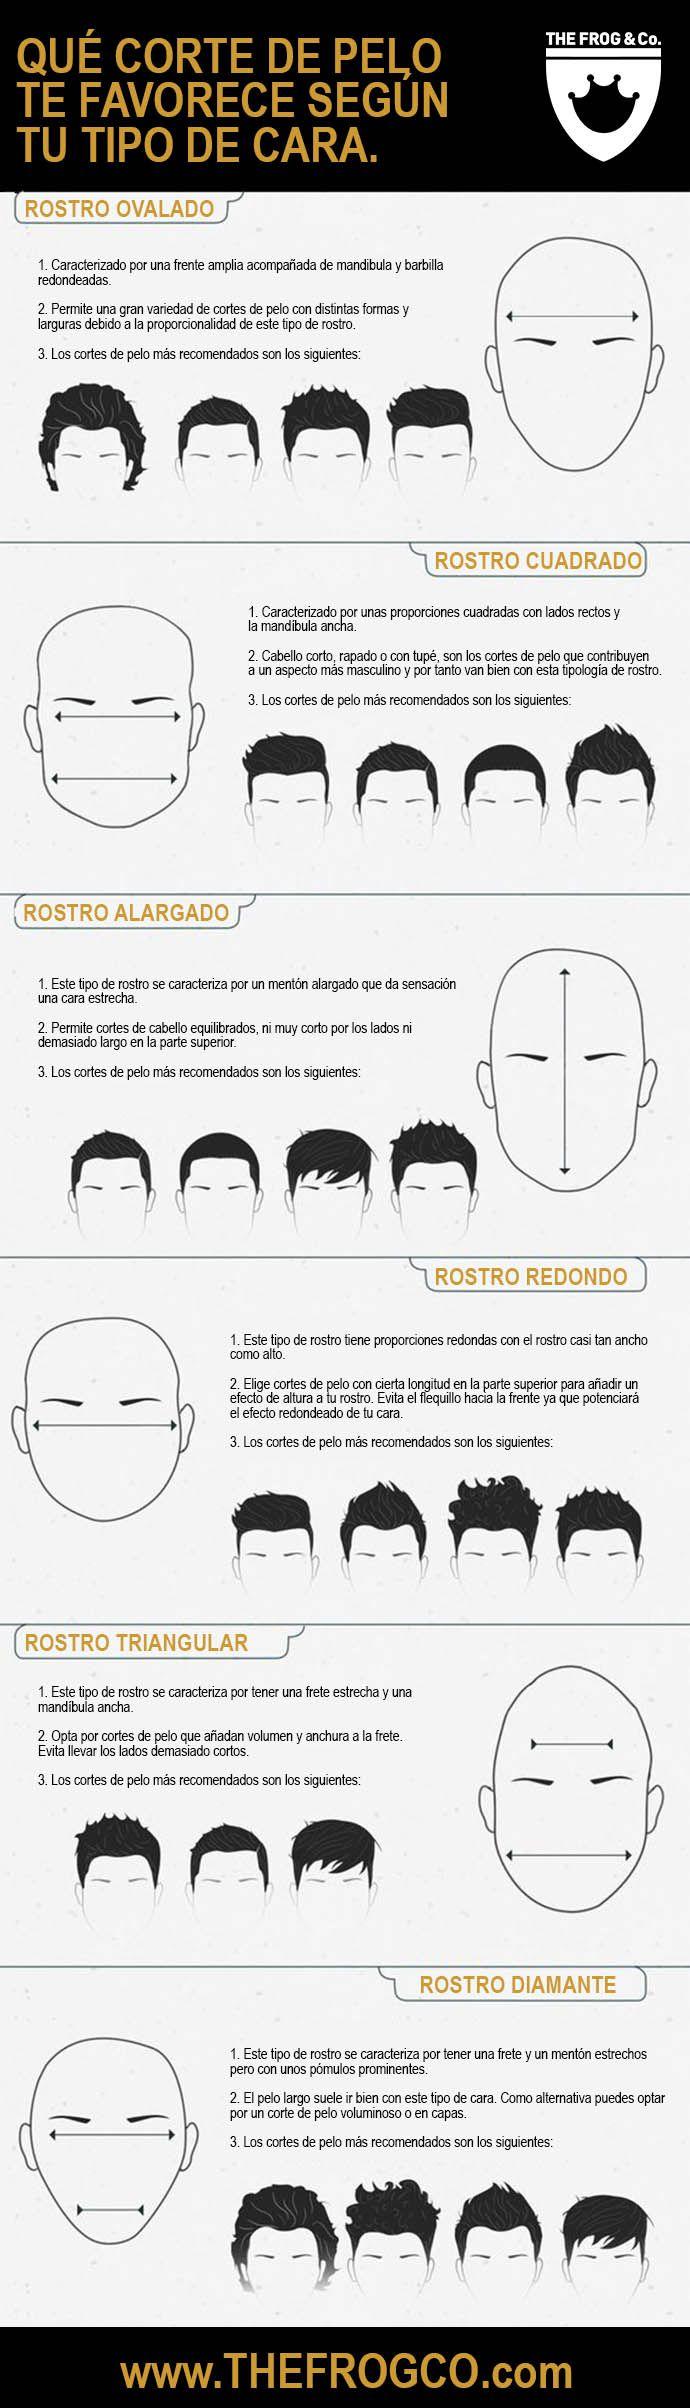 Square face haircut men corte de pelo hombre según forma de la cara o tipología de rostros